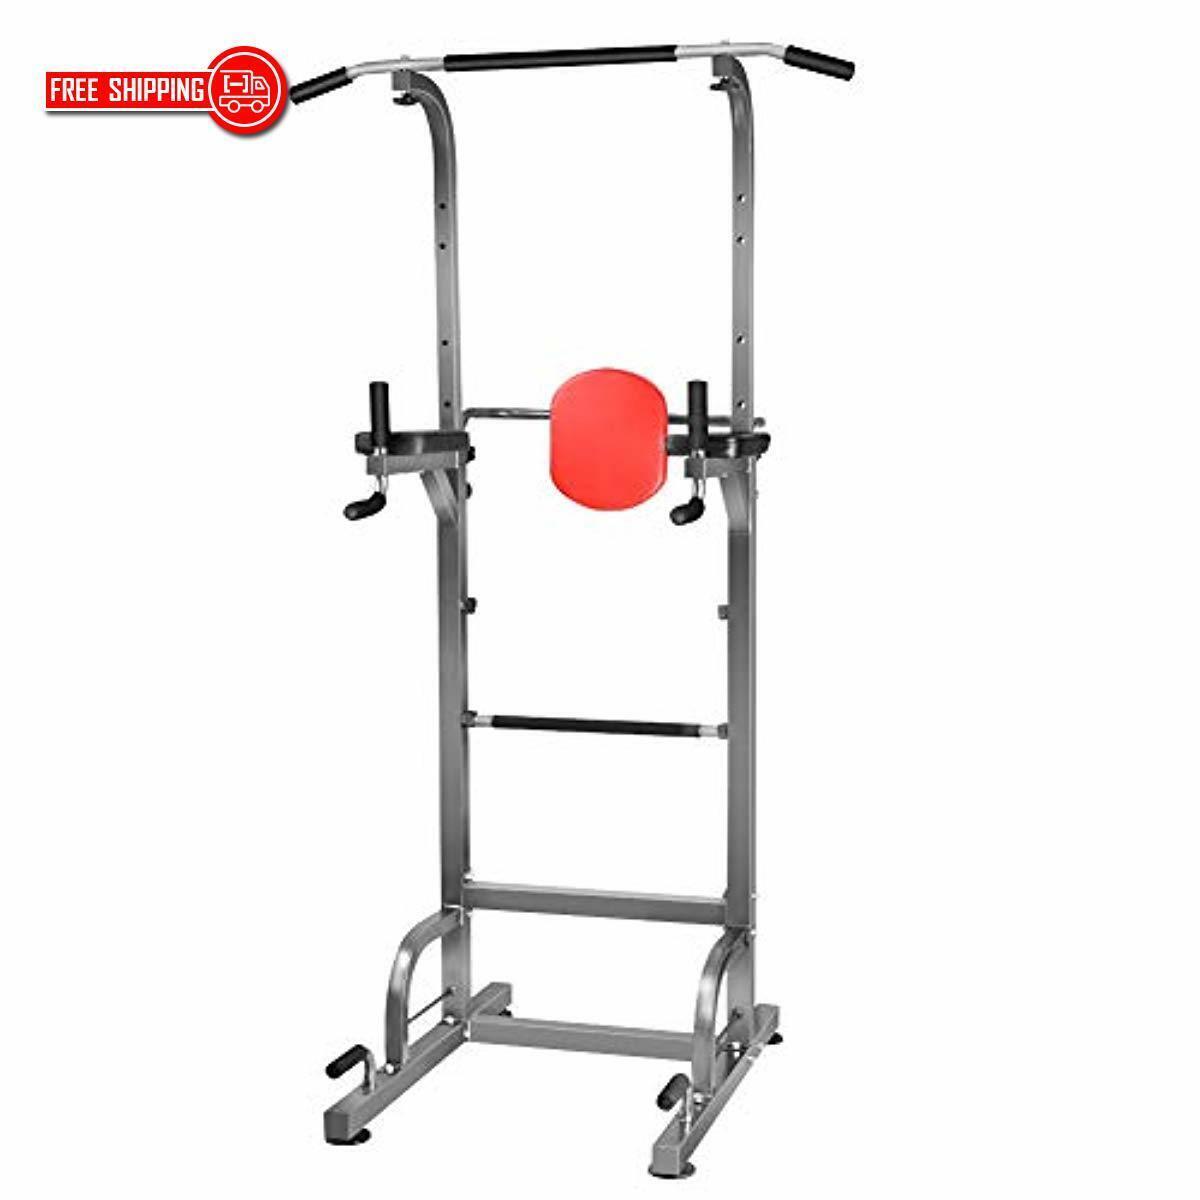 Rxlife Sports Gates, palanca para gimnasios familiares, ejercicio físico, ejercicio físico.